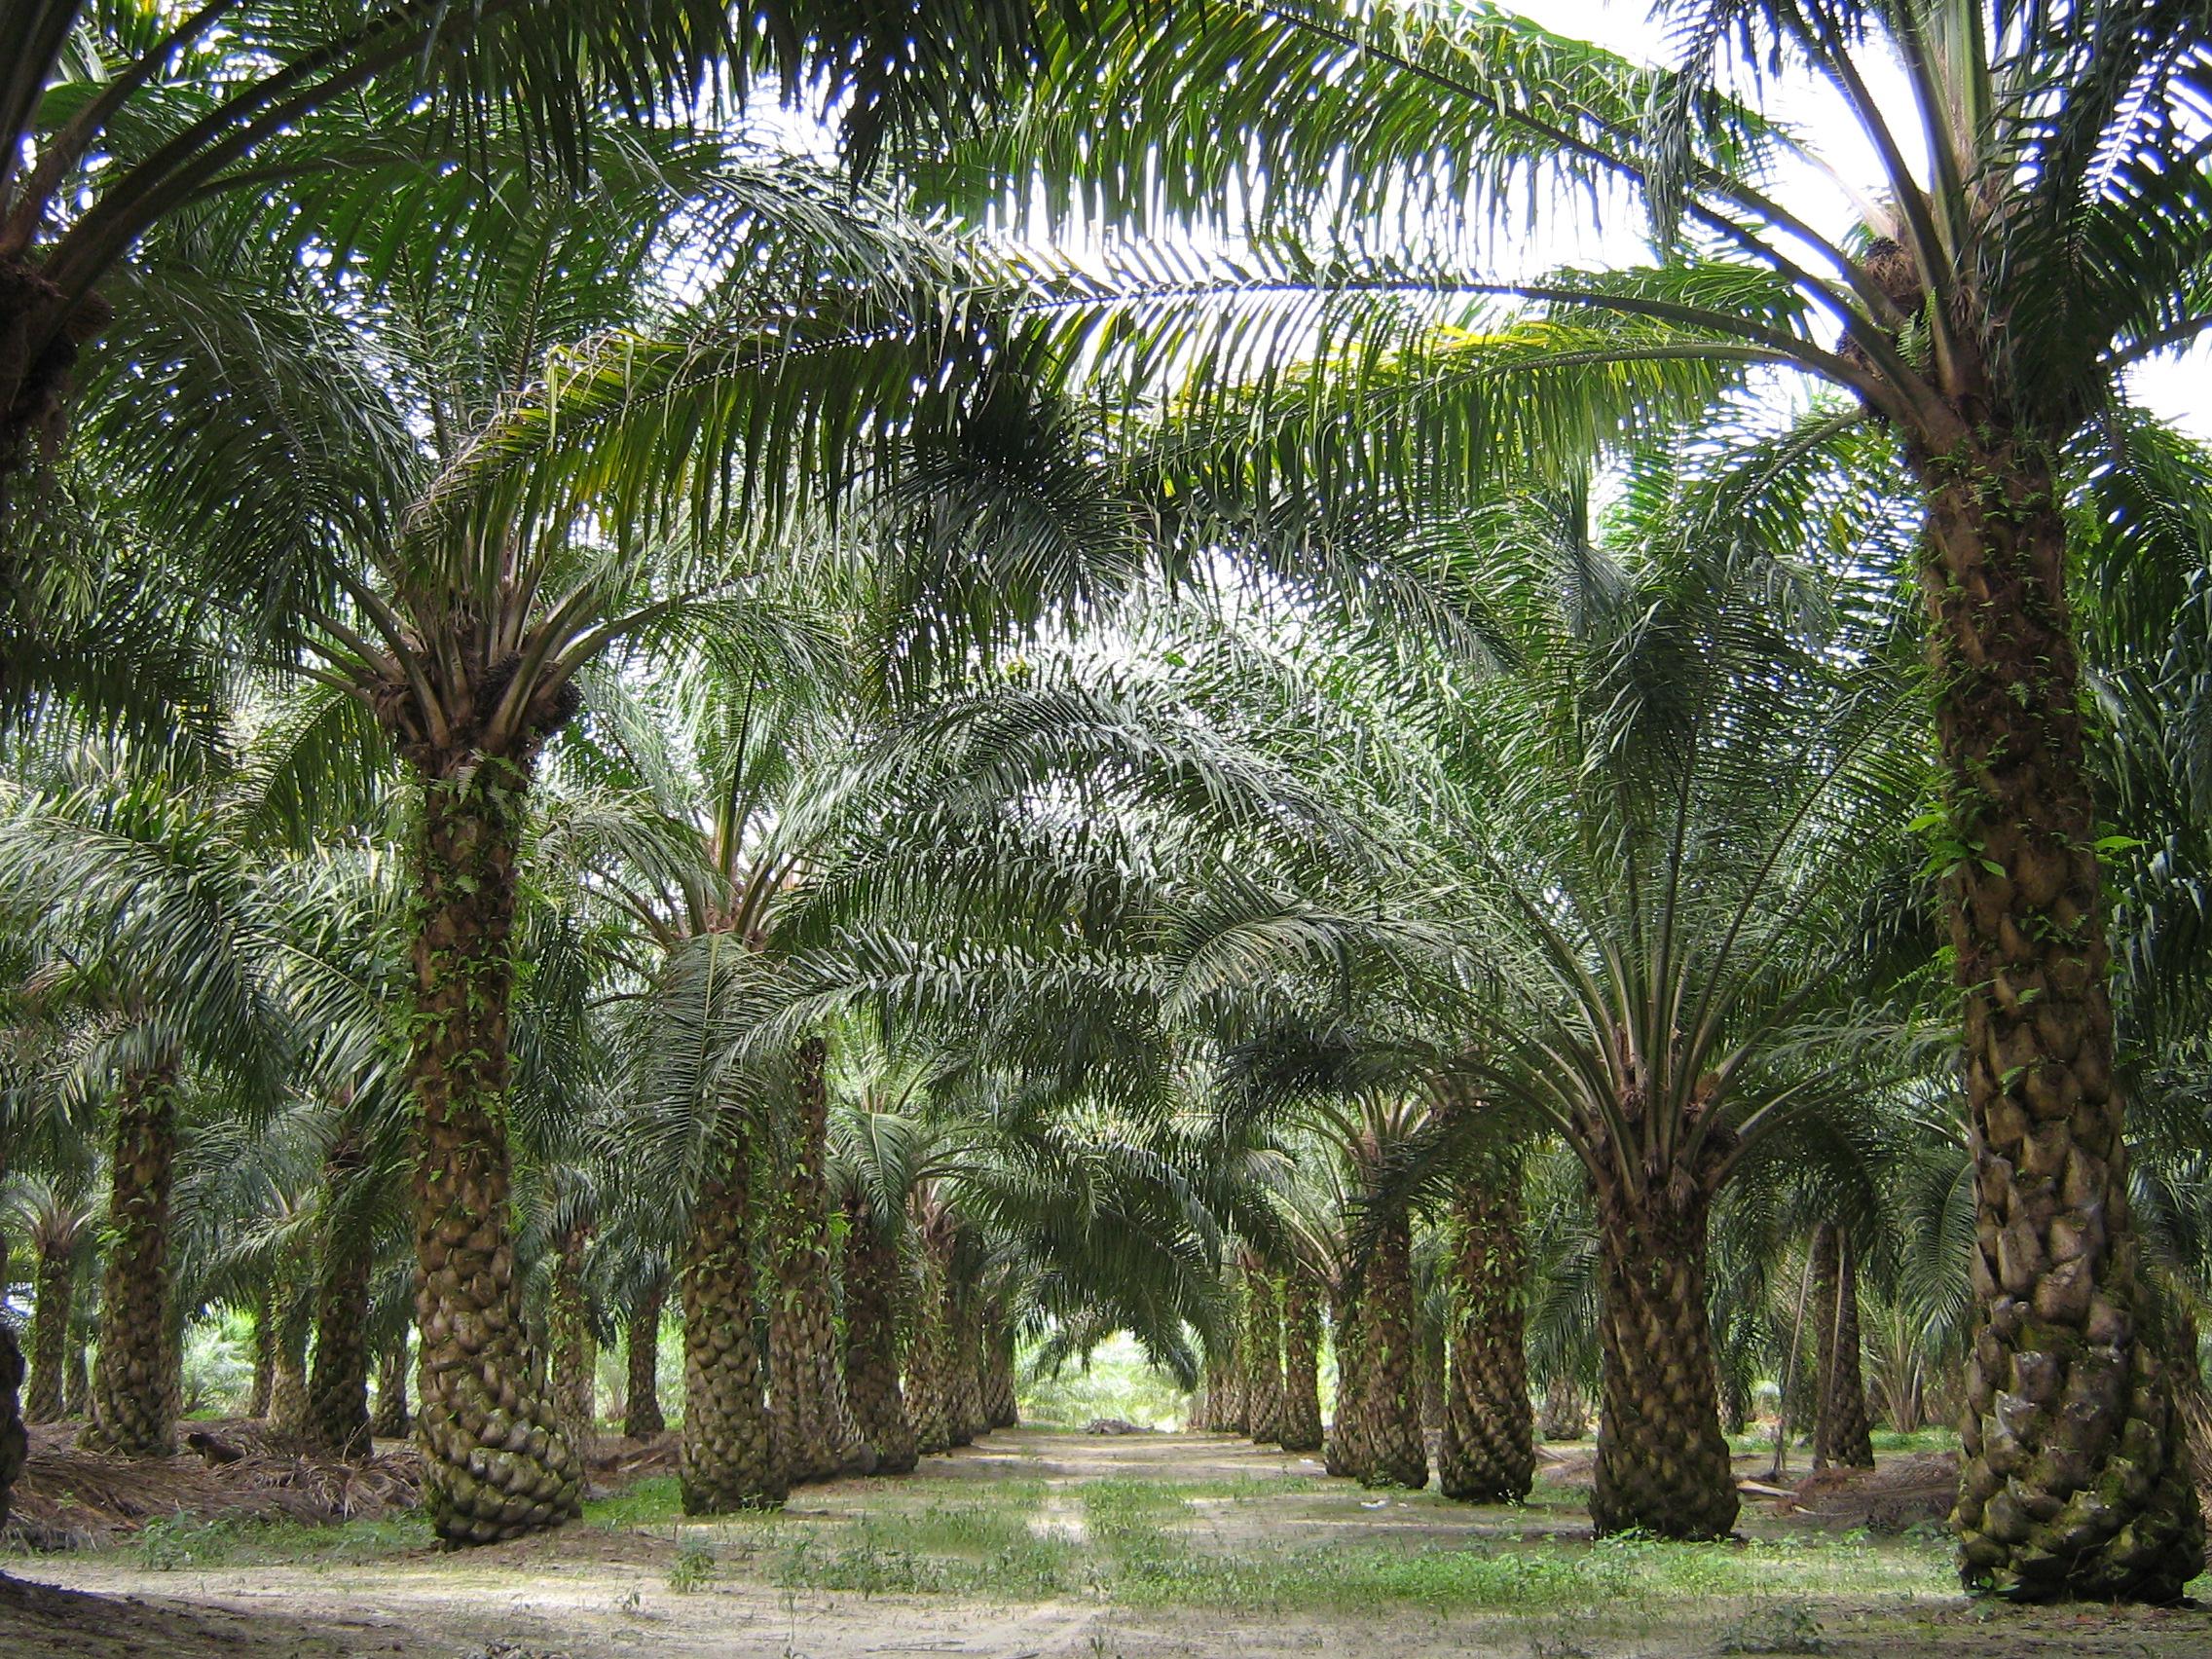 Ilyen ültetvényeket telepítenek az őserdők helyett. (kép: Wikipedia)